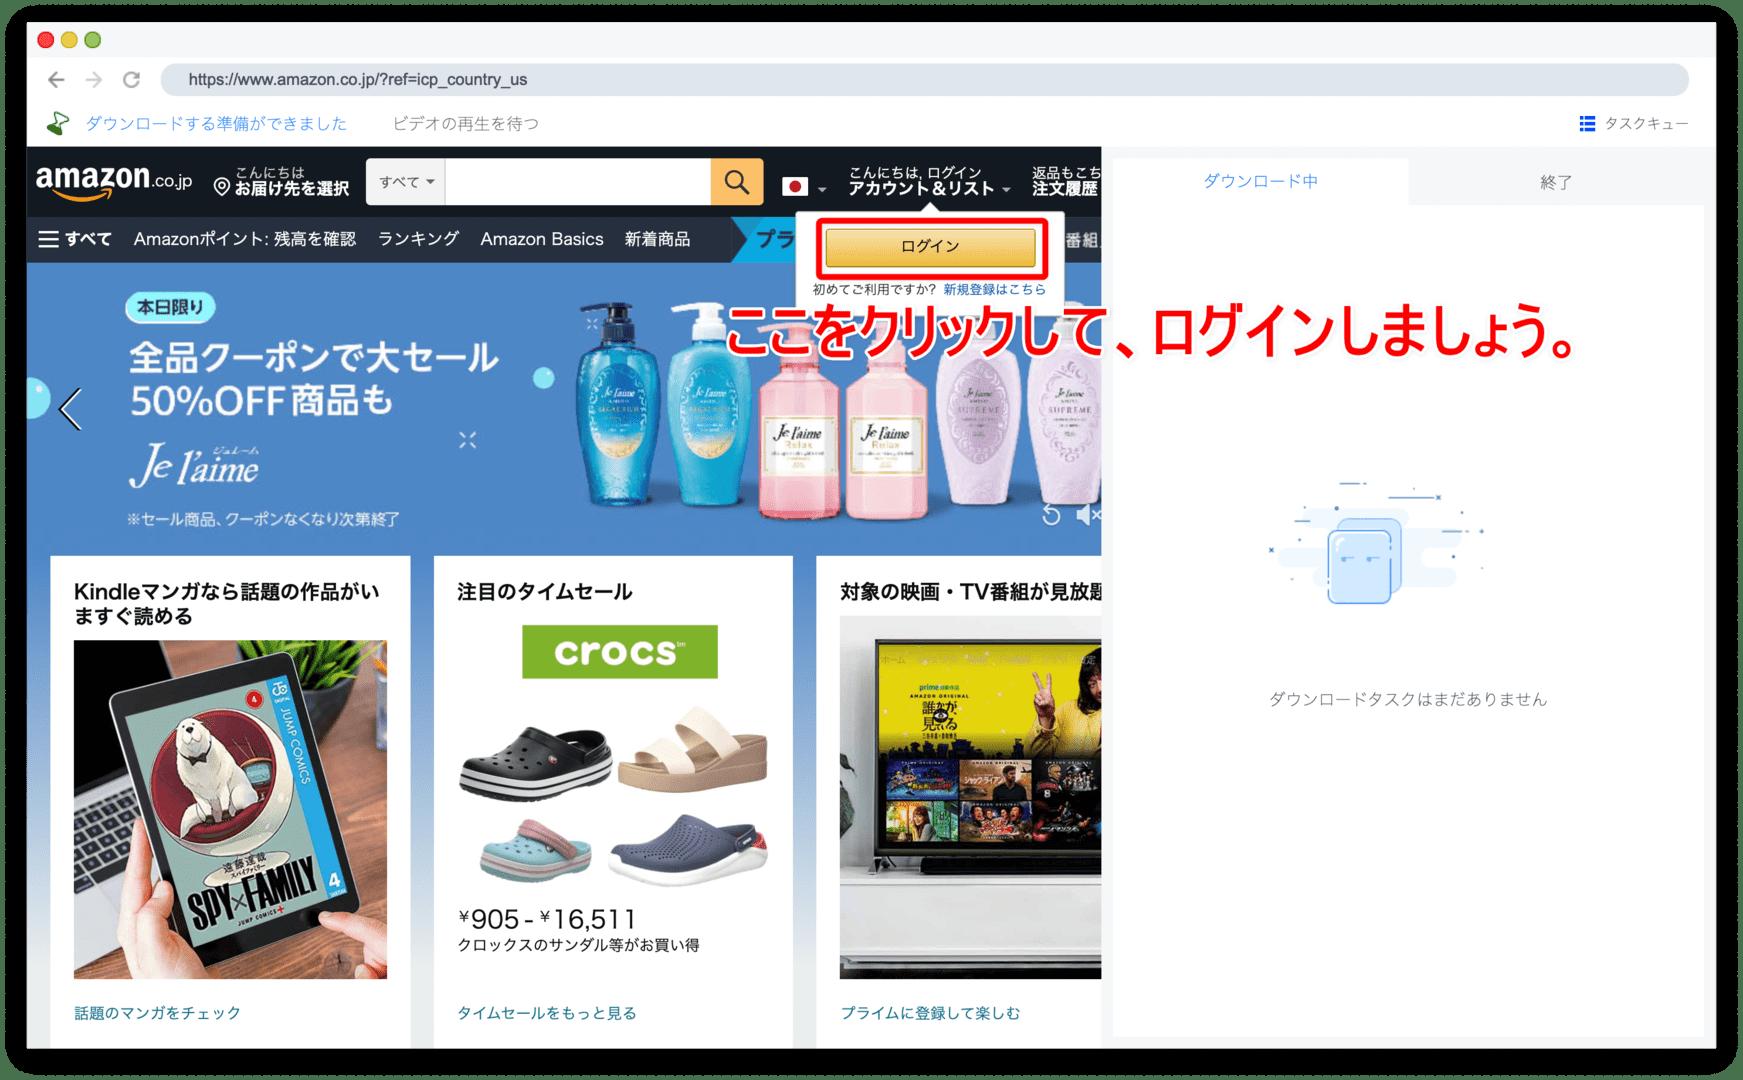 【Mac版アマゾンプライムビデオを録画する】動画をバレずに録画&保存!!Amazonプライムビデオの画面録画方法Mac版 録画した動画はスマホでも再生可能! 録画方法:Amazon.co.jpのアマゾンプライムビデオが表示されたら、Amazonにログインしましょう。 ログインできたら、録画したい動画コンテンツを再生させます。